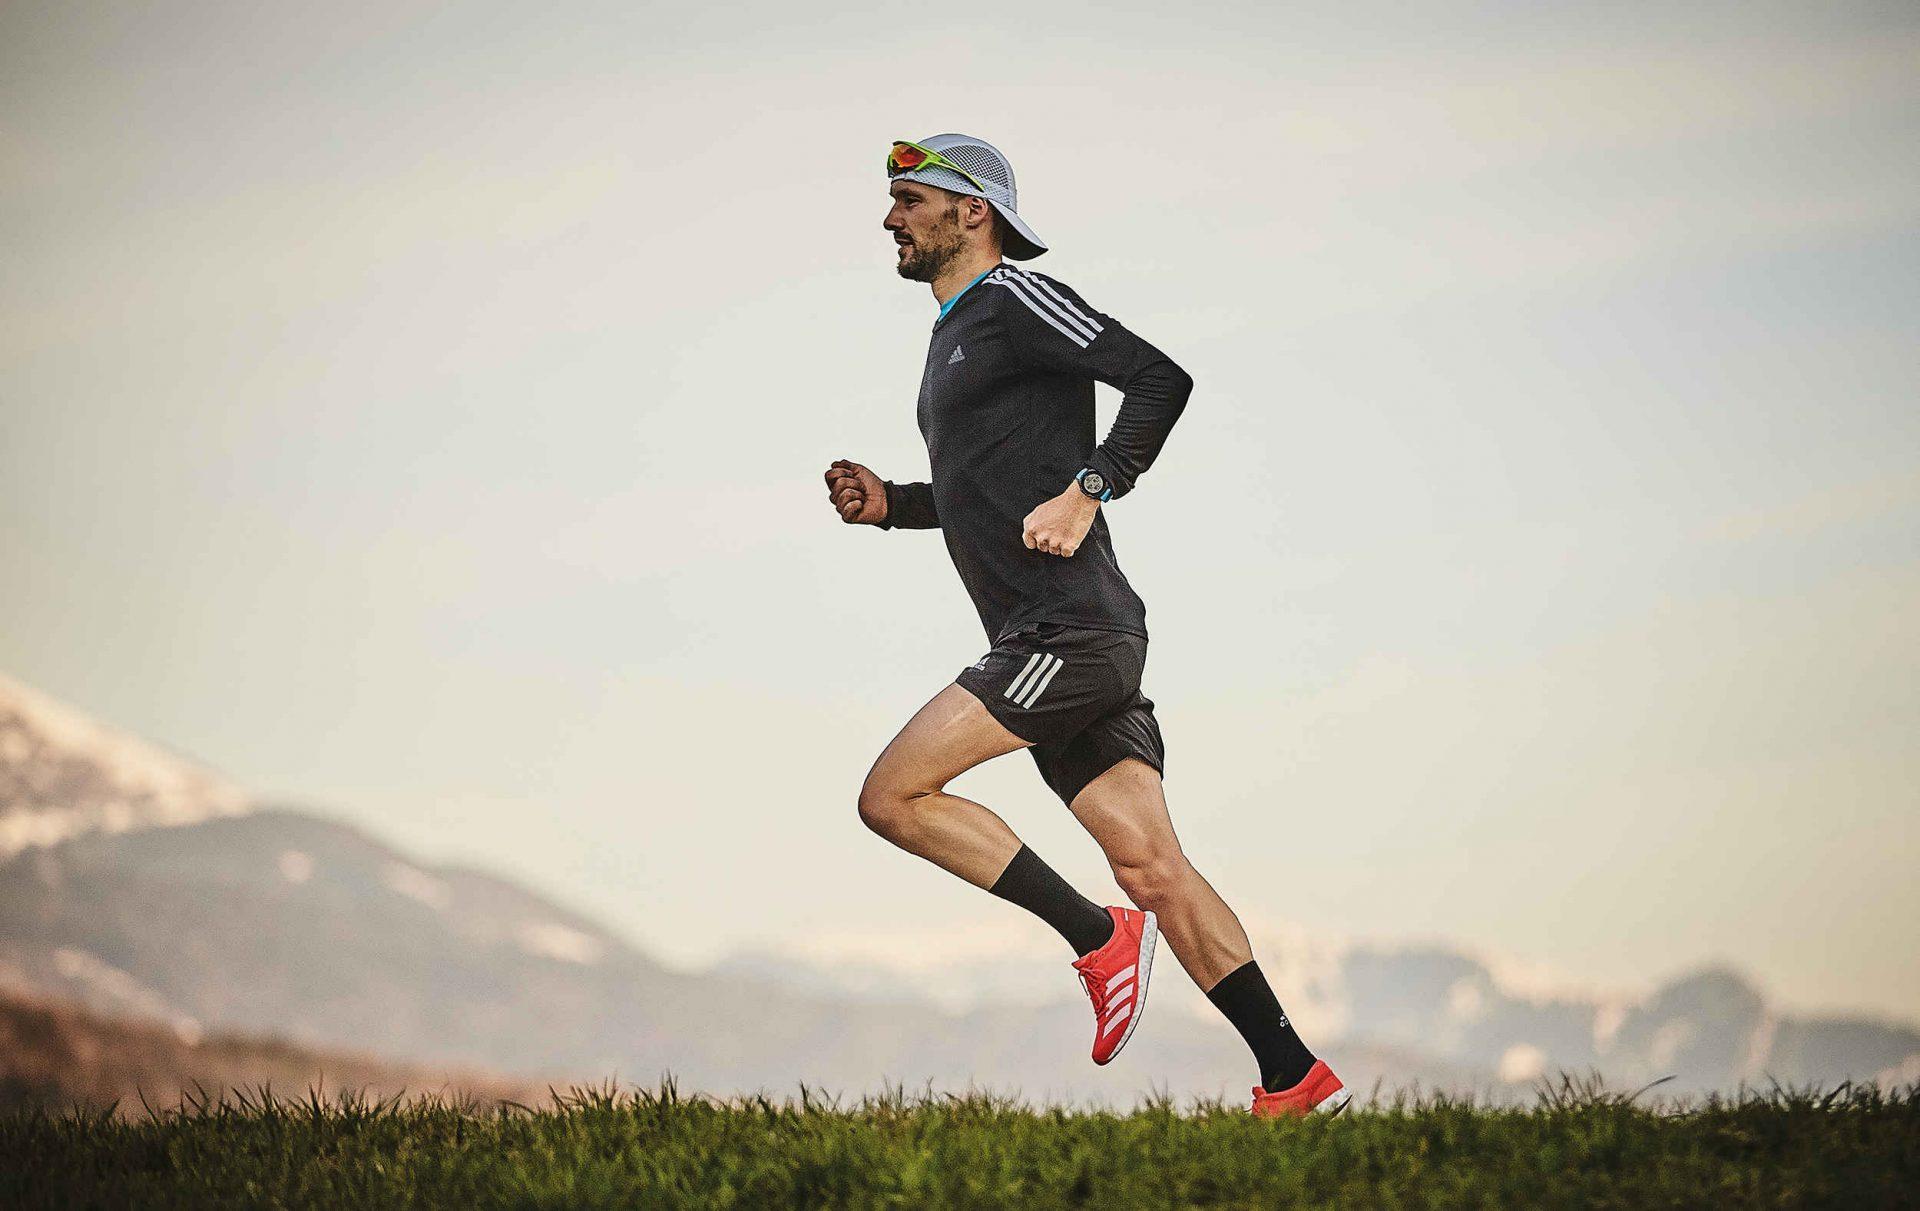 Runner training for triathlon in the Engadin